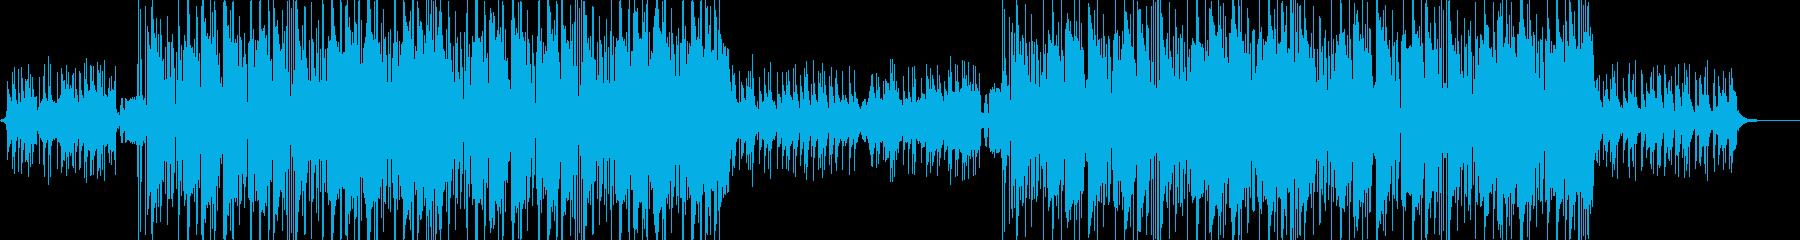 洋楽風・爽やかなFutureBass cの再生済みの波形